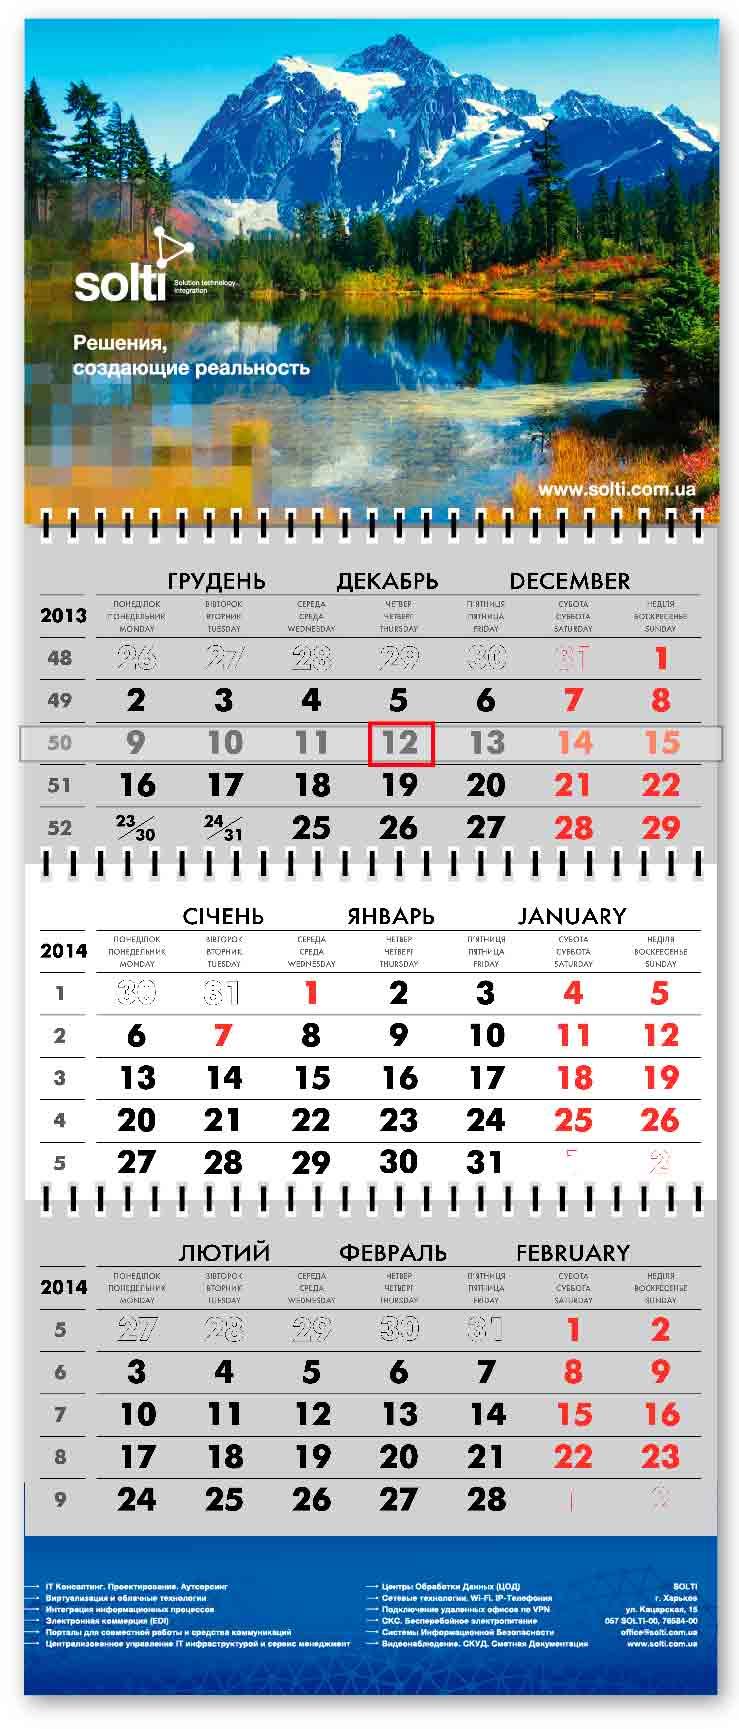 Дизайн настенного календаря SOLTI